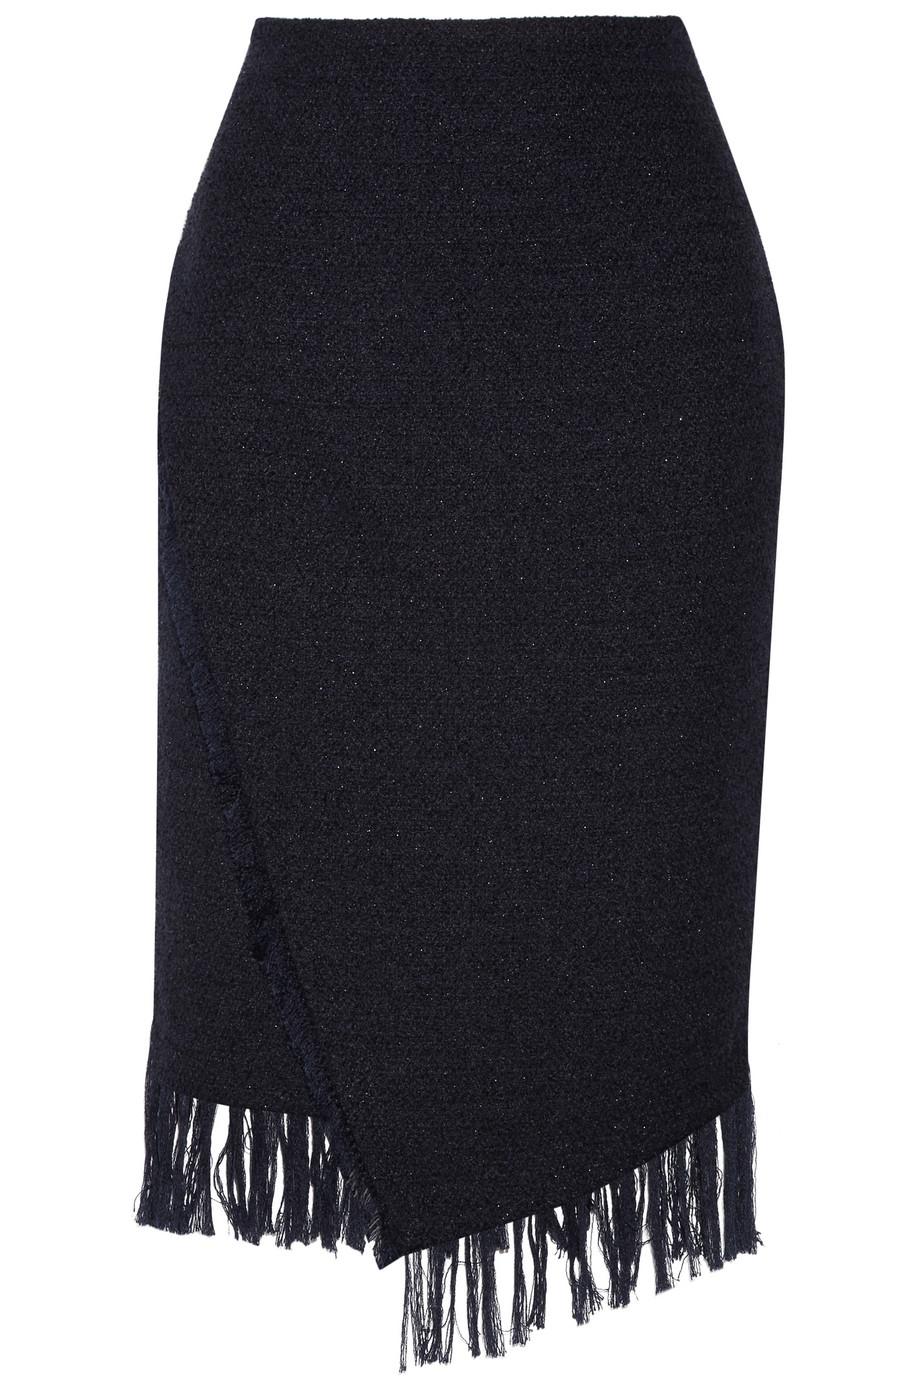 Diva Fringed Bouclé Midi Skirt, By Malene Birger, Navy, Women's, Size: 32